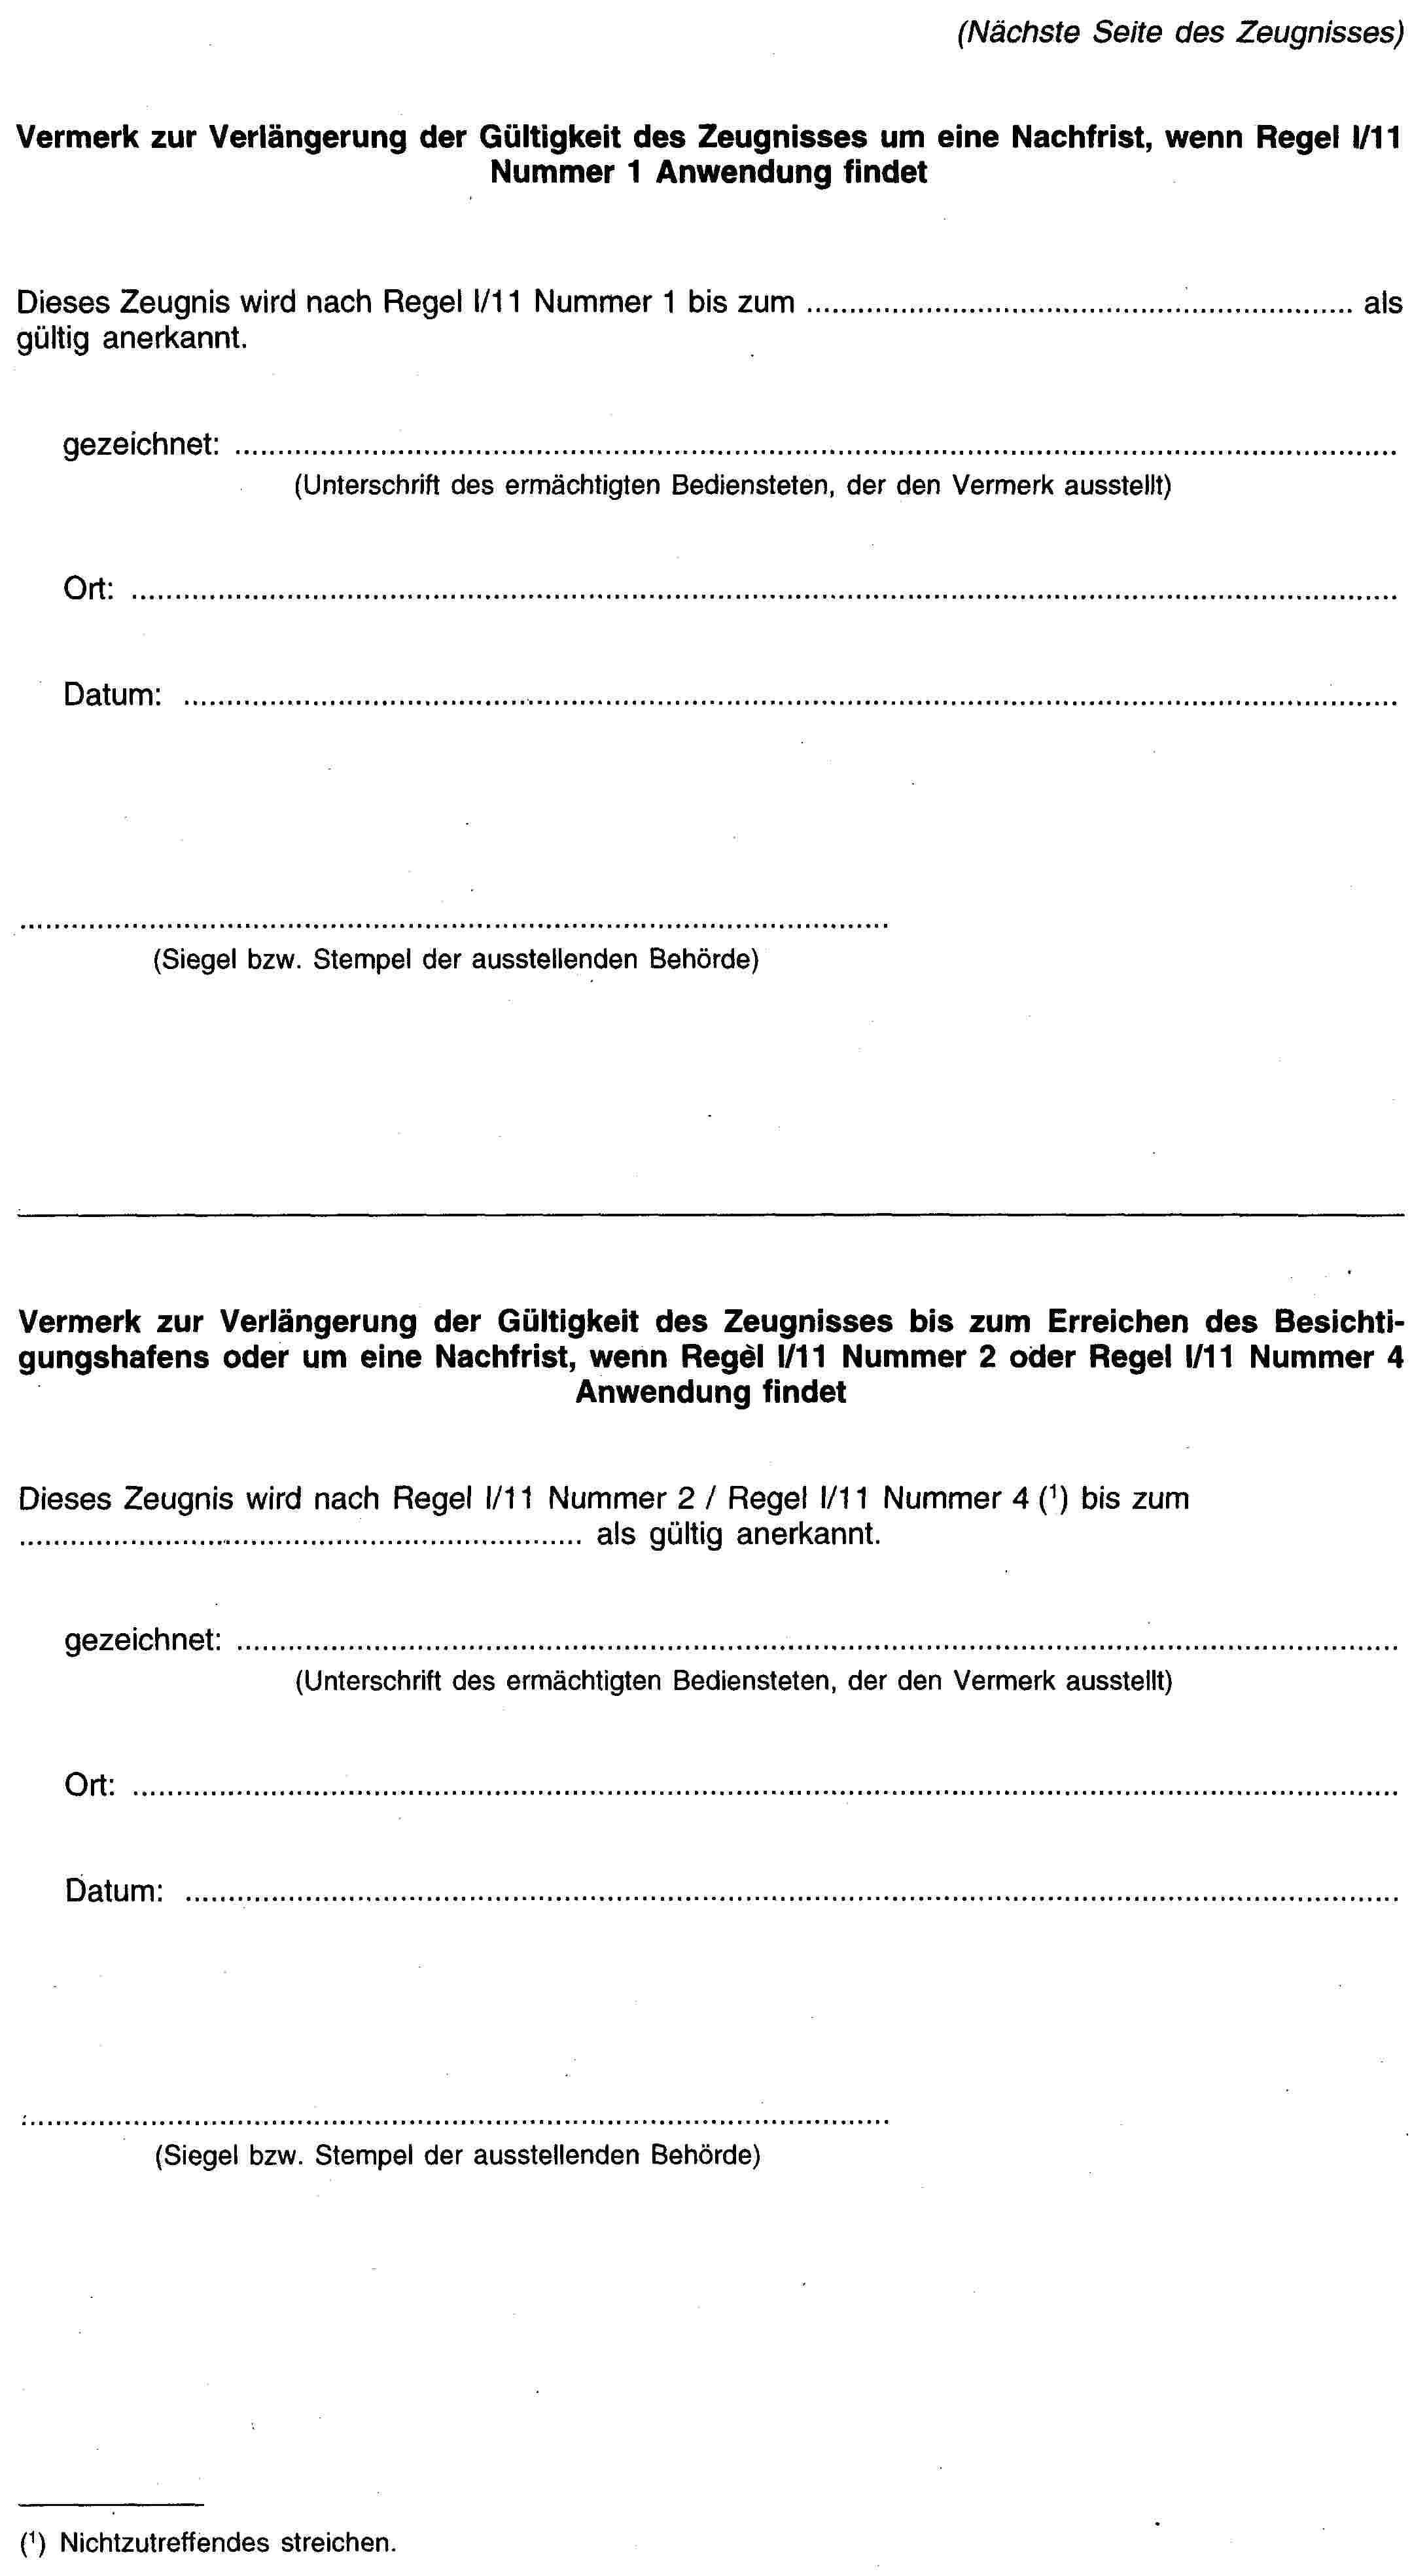 Gemütlich Drahtseilentfernungskriterien Zeitgenössisch - Der ...